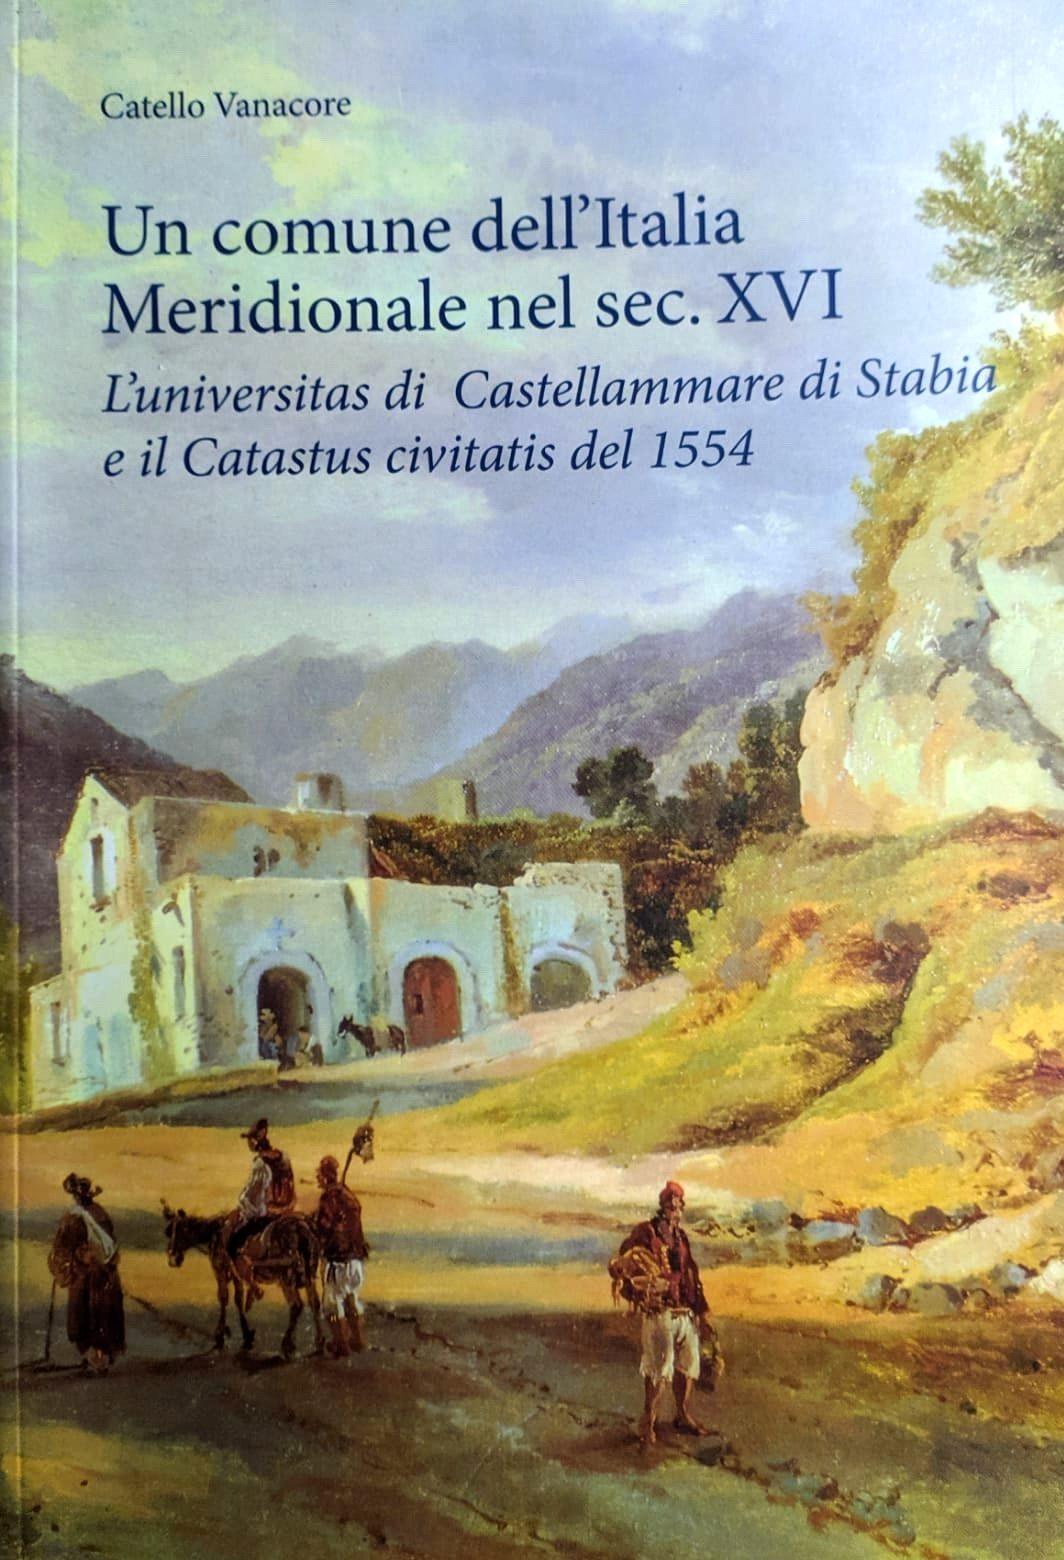 Un comune dell'Italia Meridionale nel sec. XVI